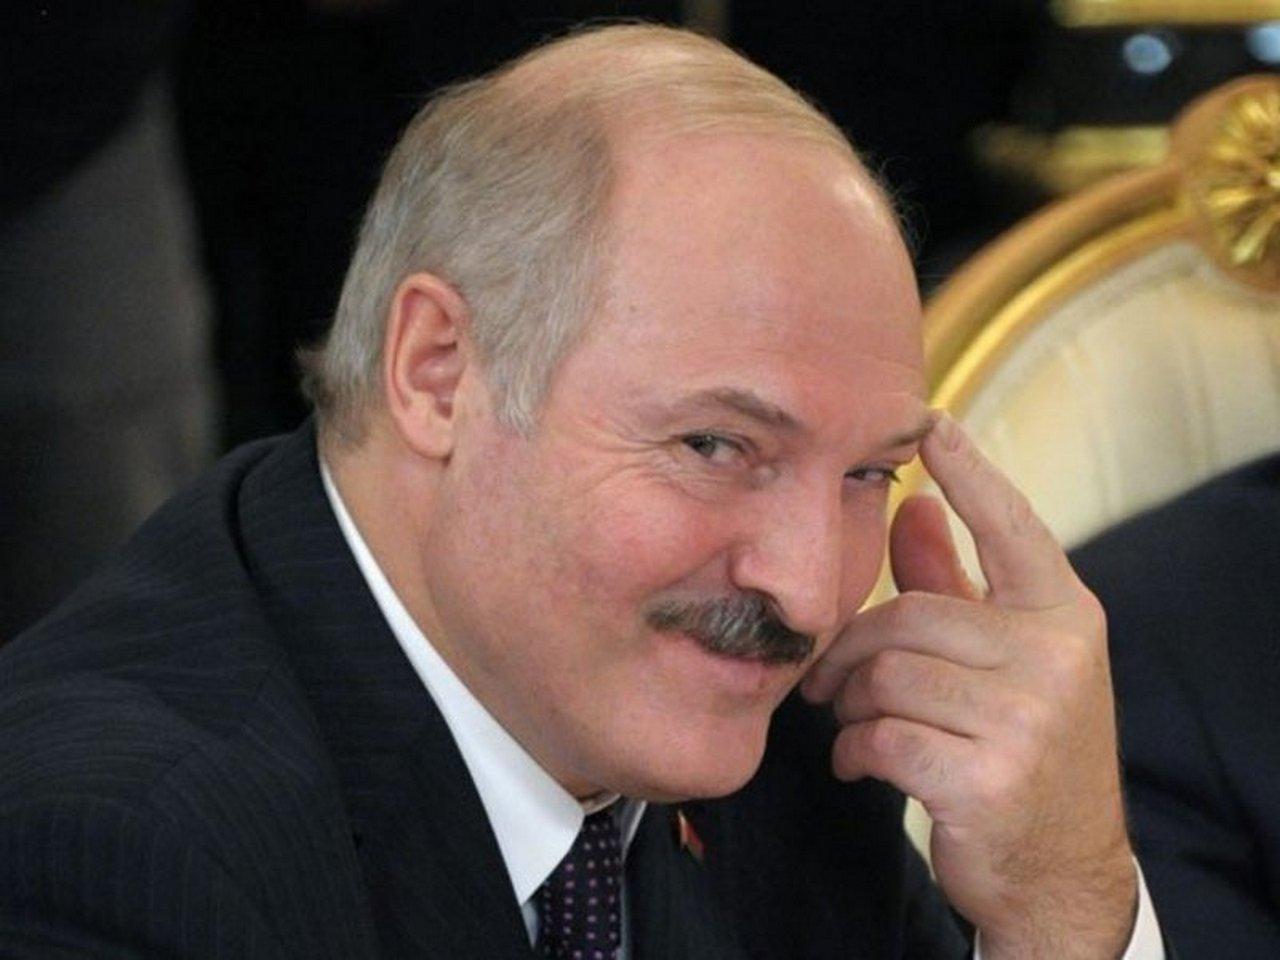 «Русский язык для нас не чужой»: В Белоруссии ответили на призыв украинского политика не говорить по-русски